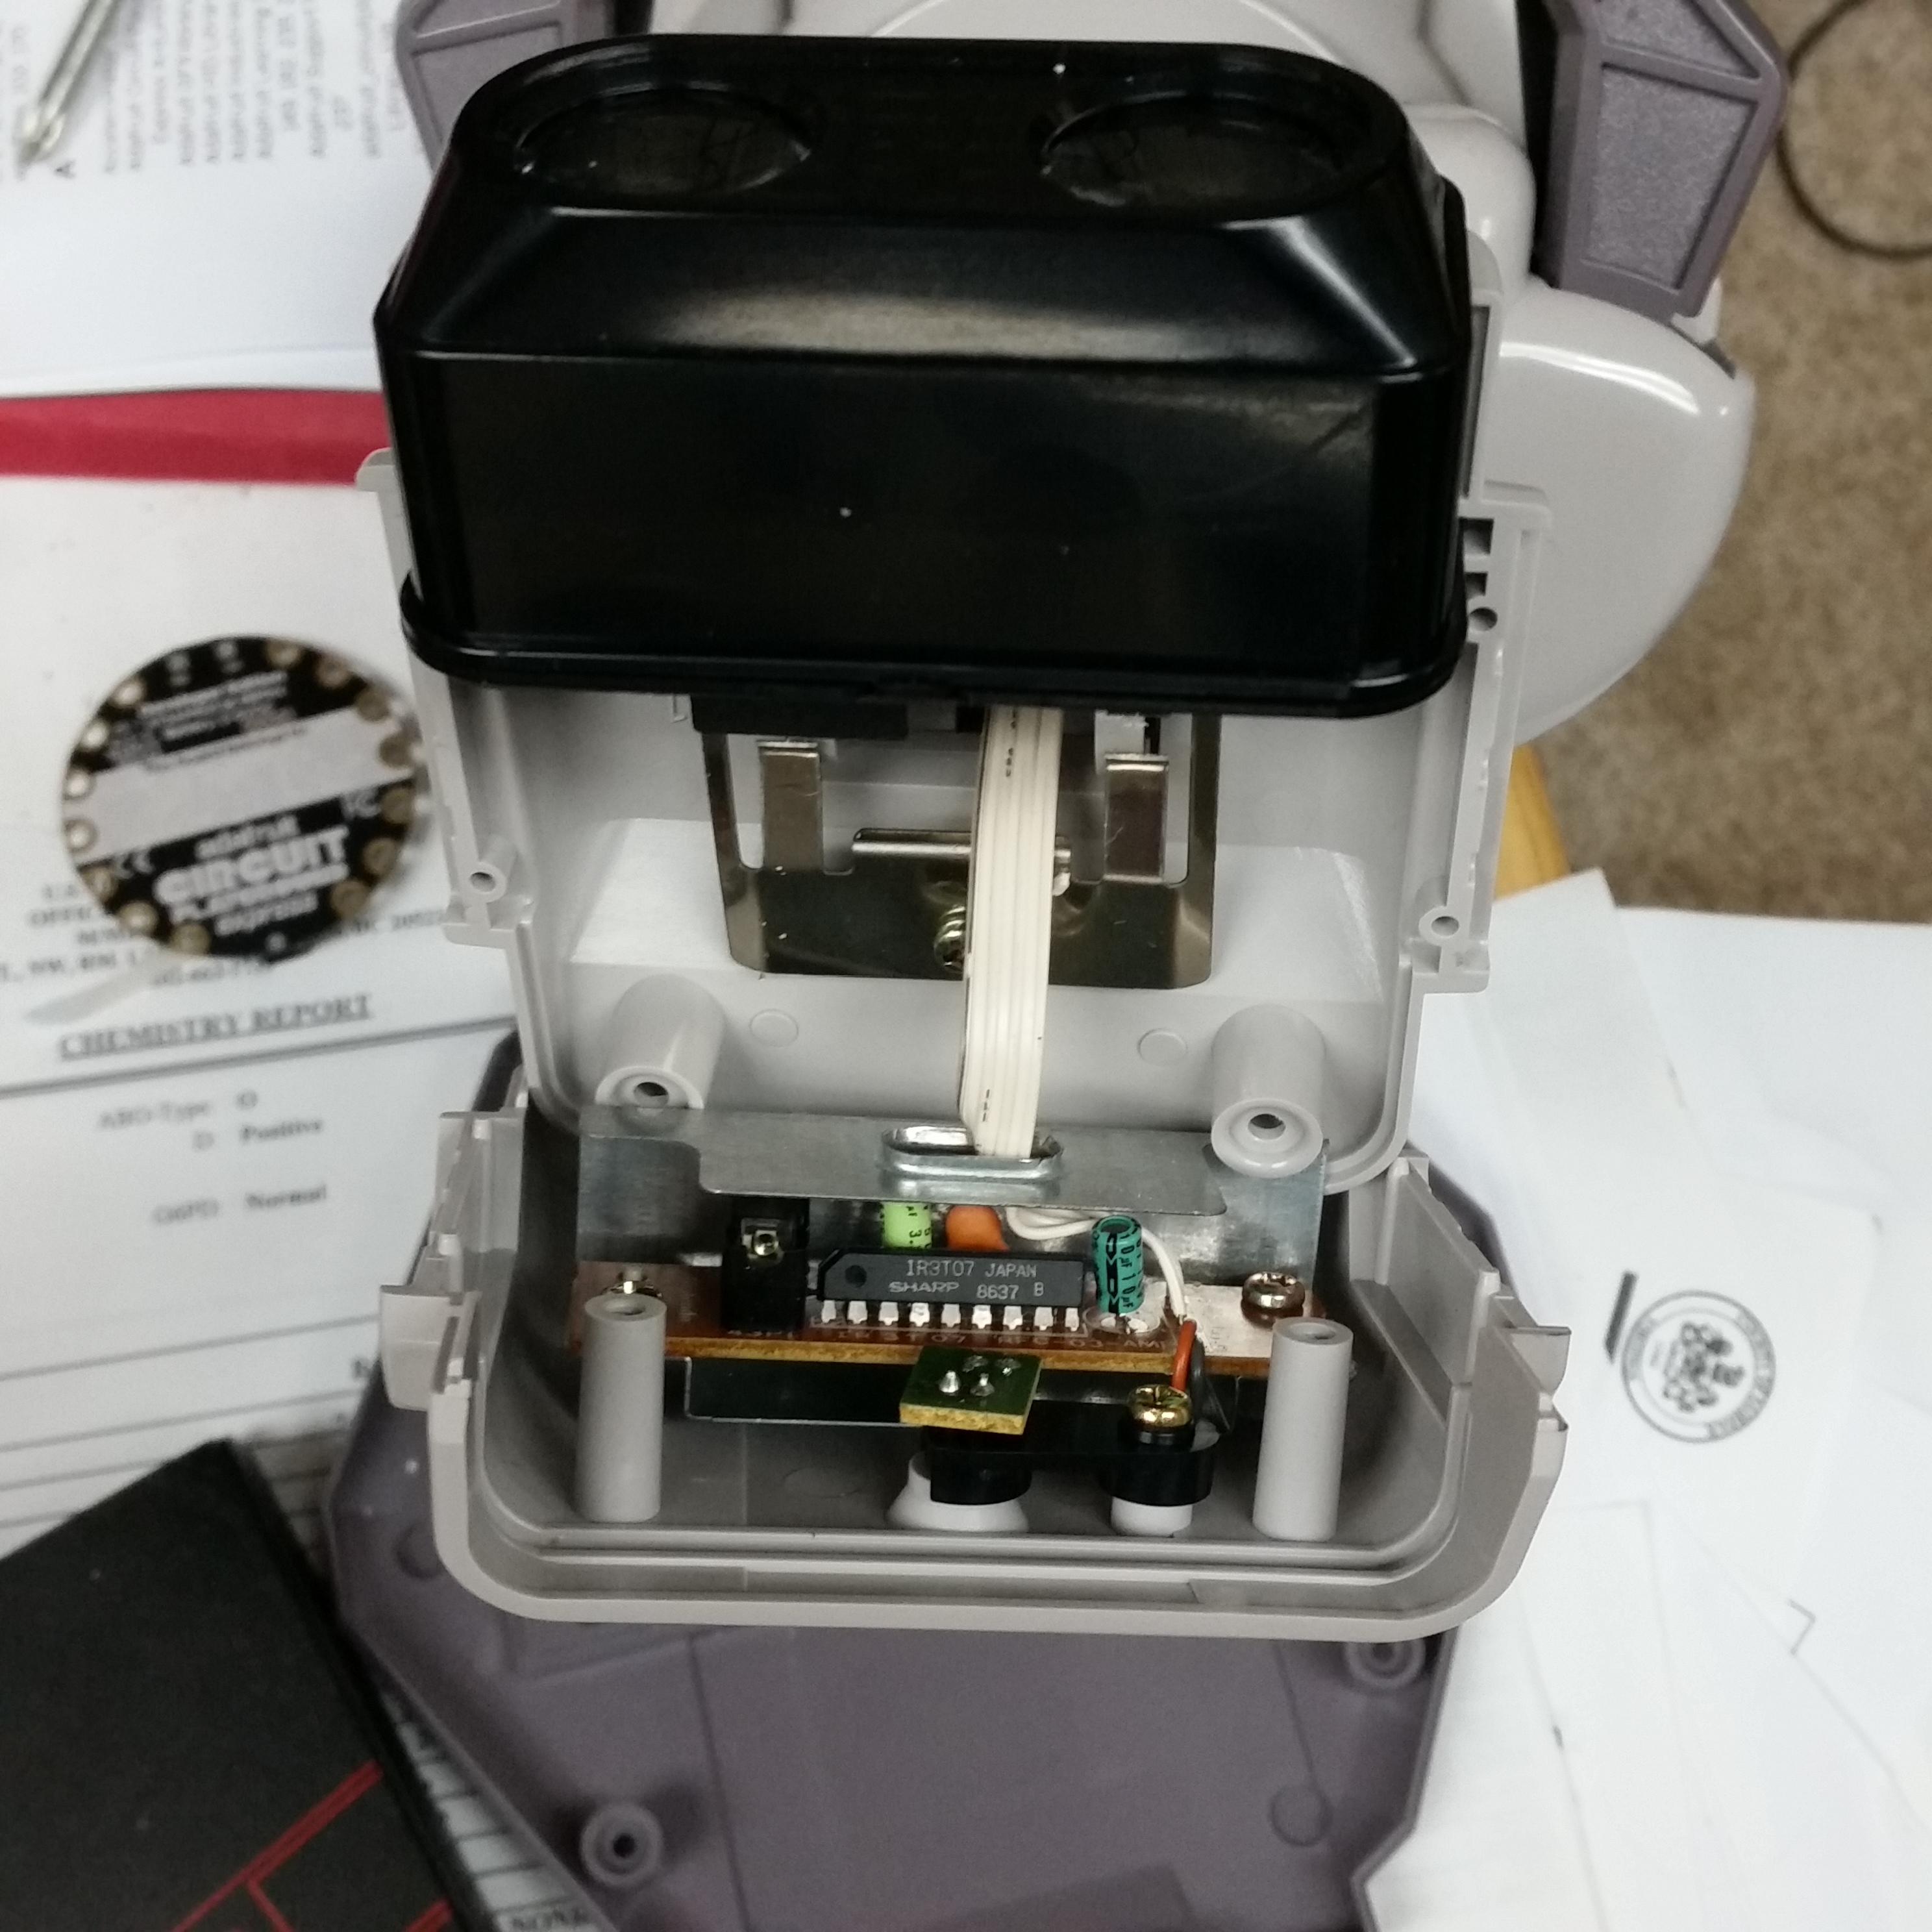 robotics___cnc_Pic5.jpg